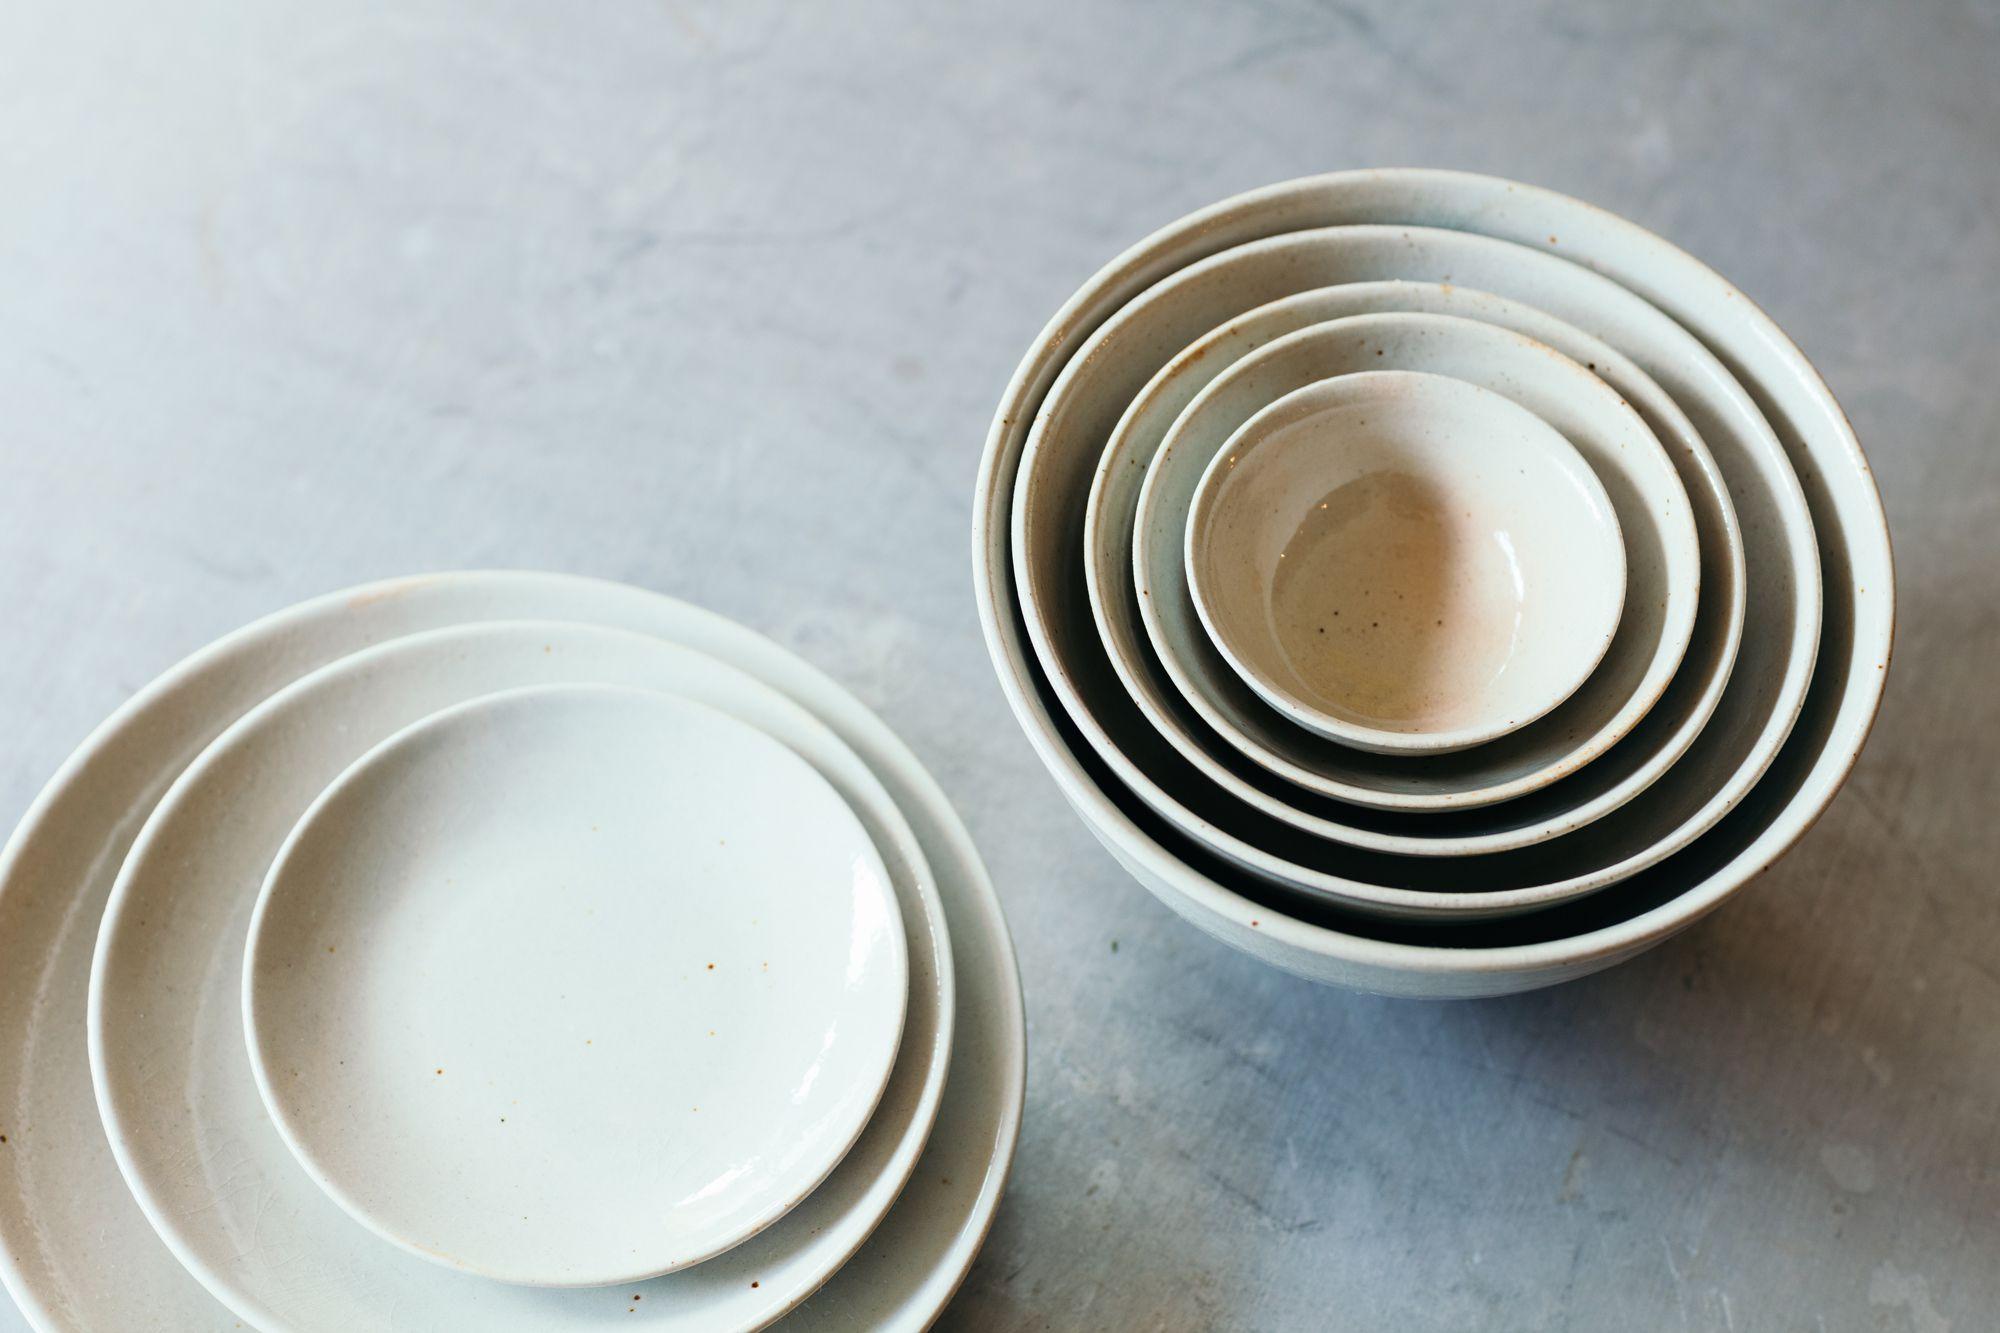 細川亜衣とのコラボで作り出された「五椀三皿」。